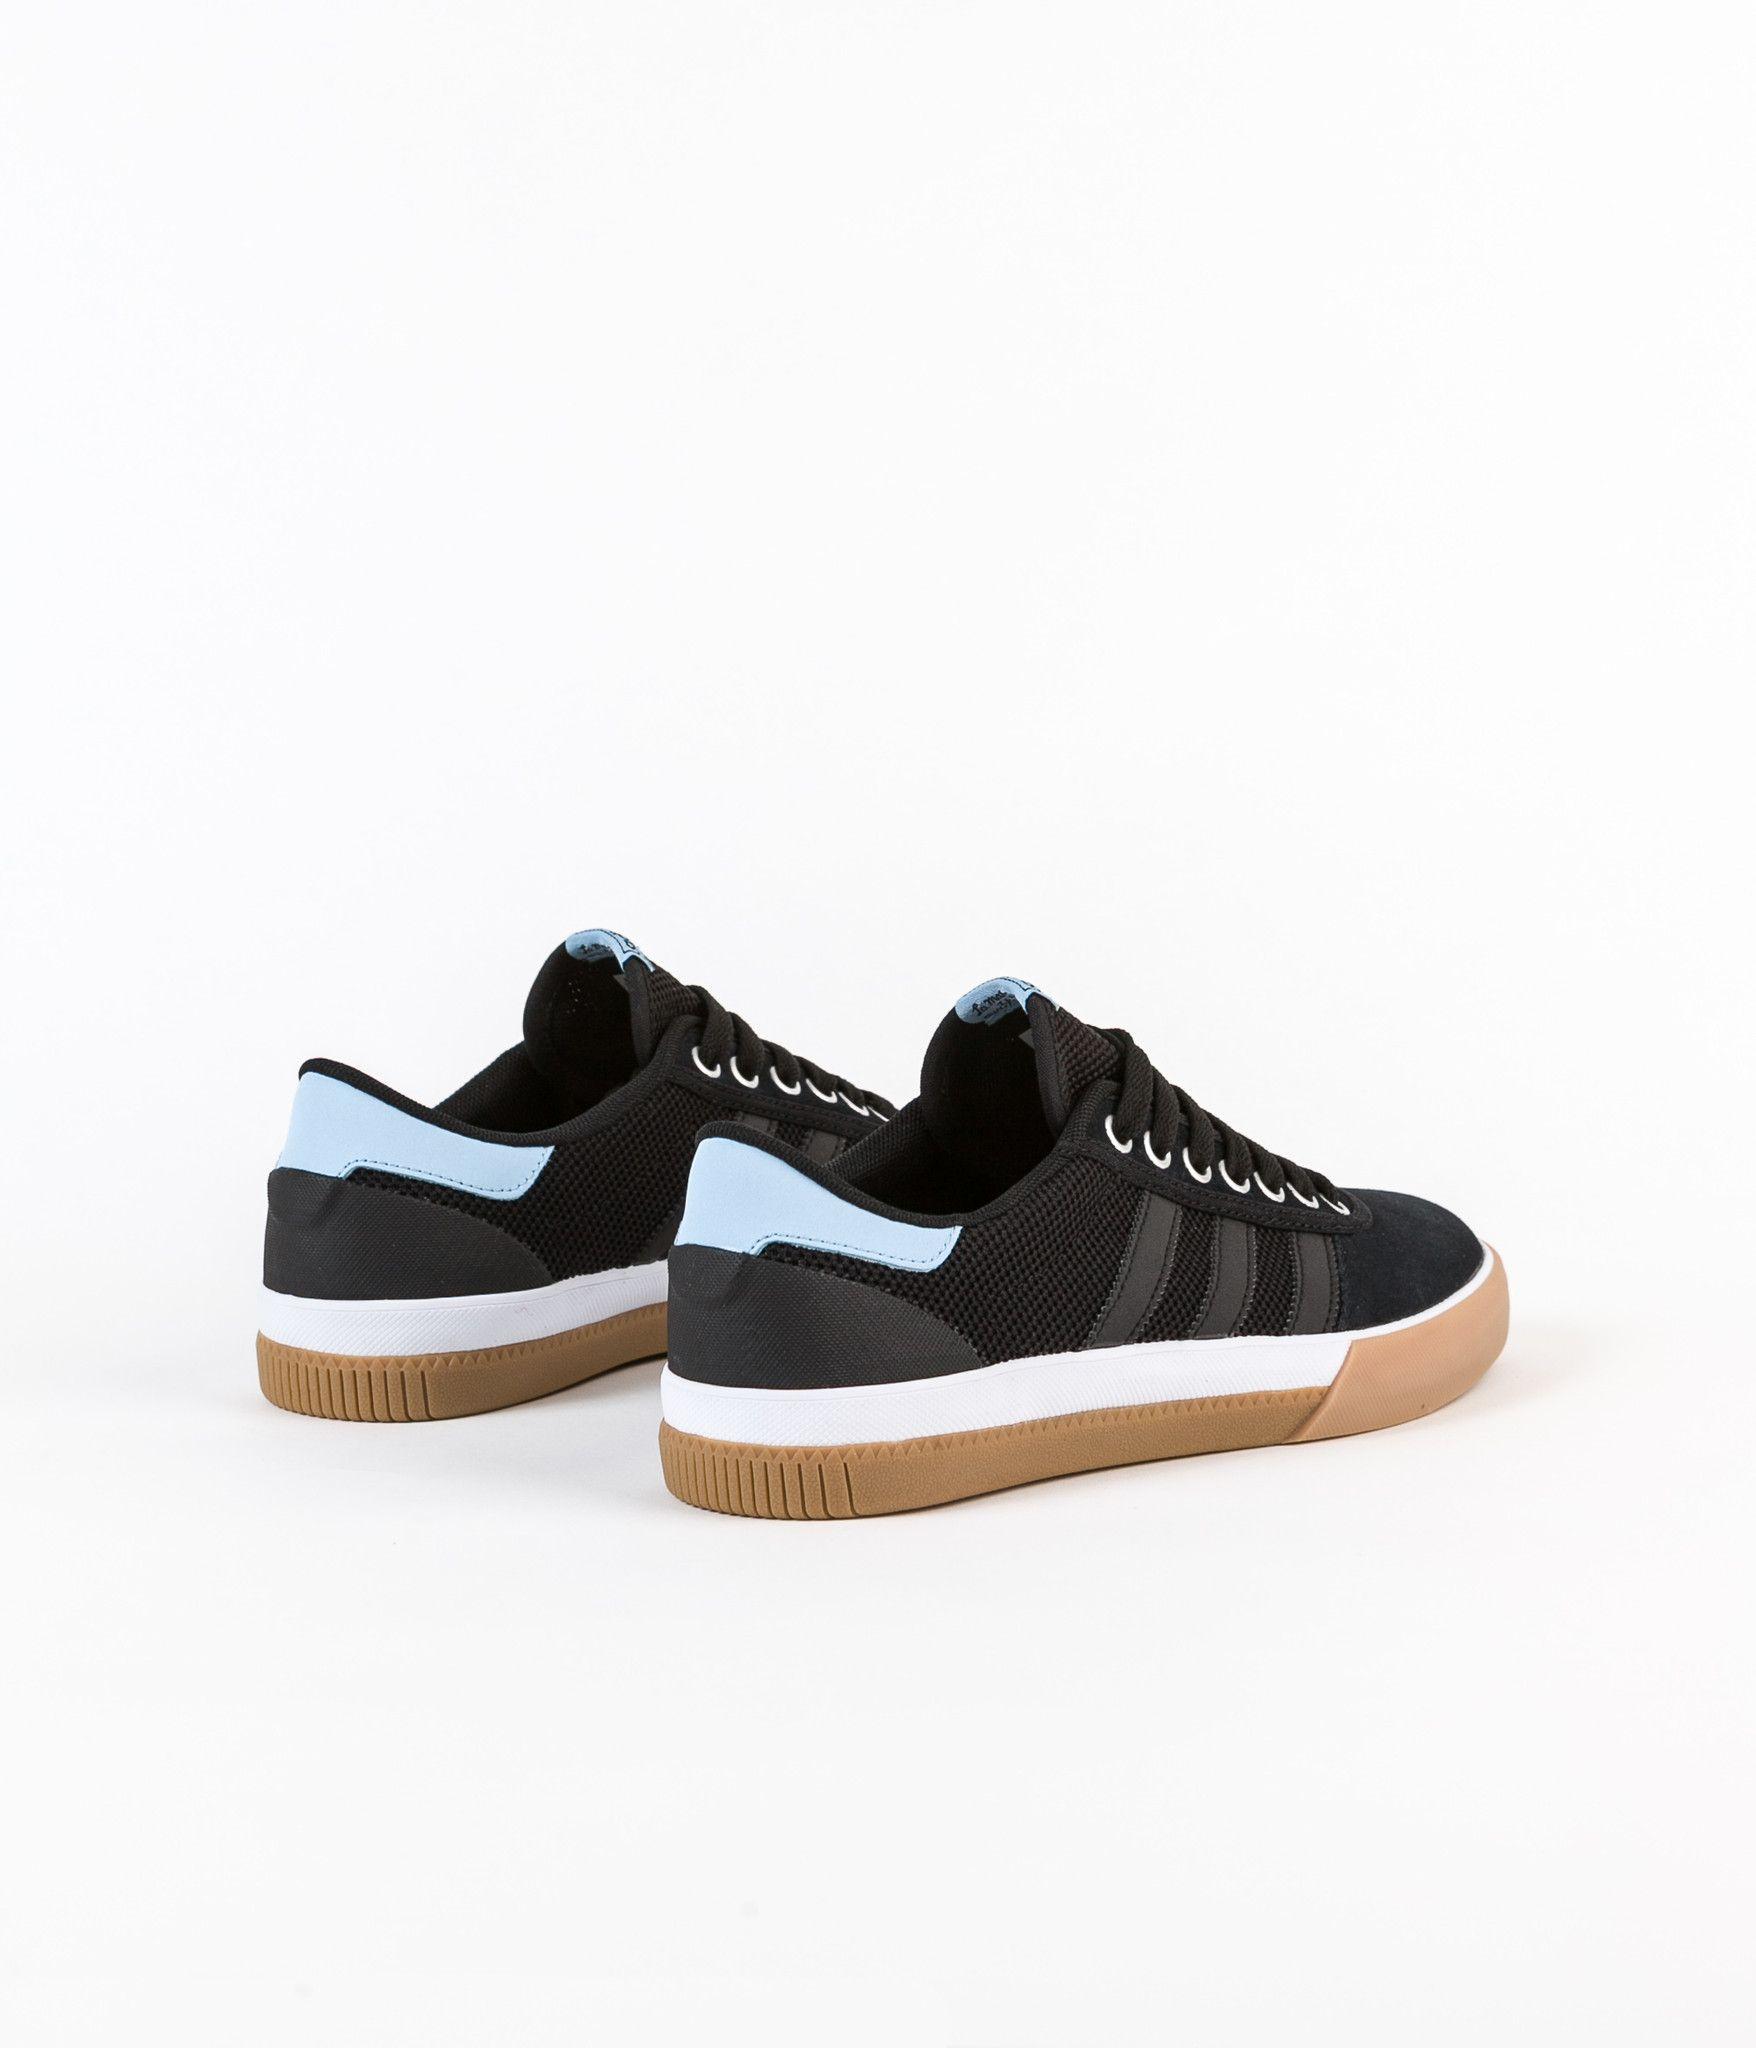 adidas Lucas Premiere ADV Black, Grey & Gum Shoes | Shoes